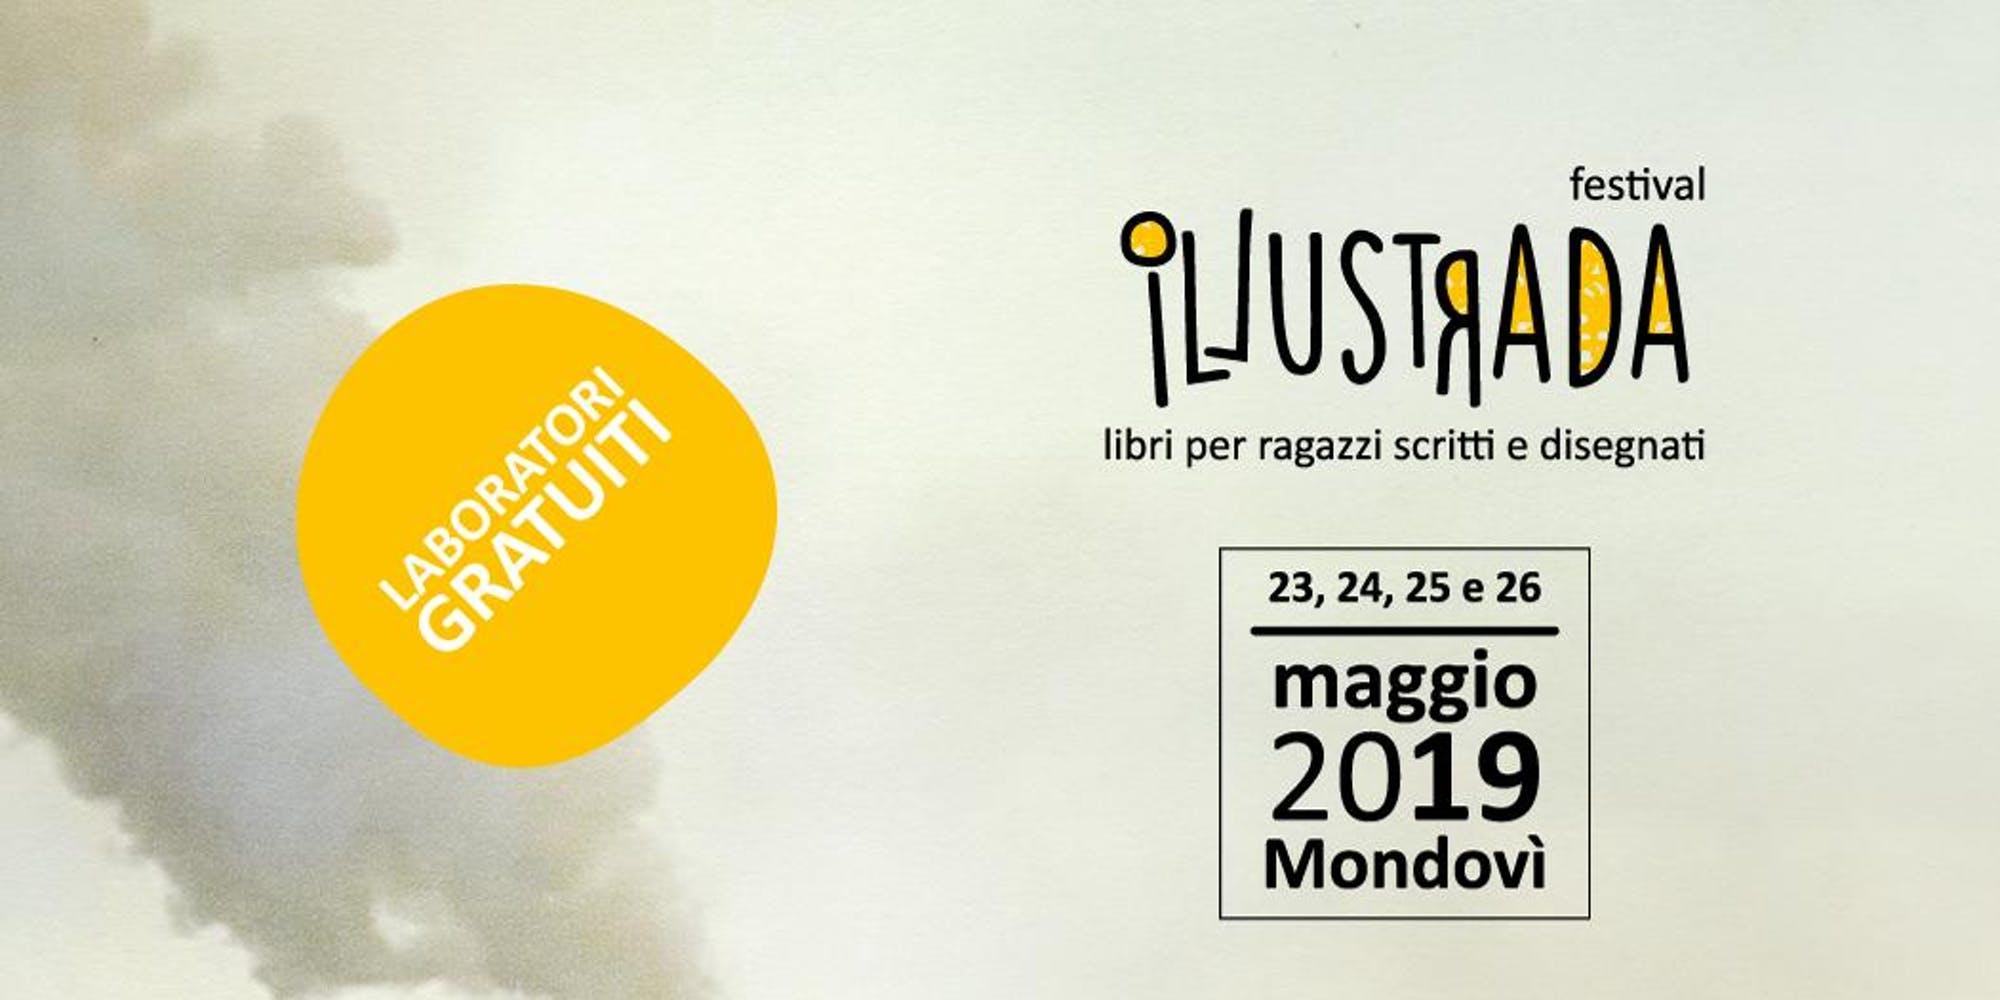 Illustrada Festival 2019 - Mondovì